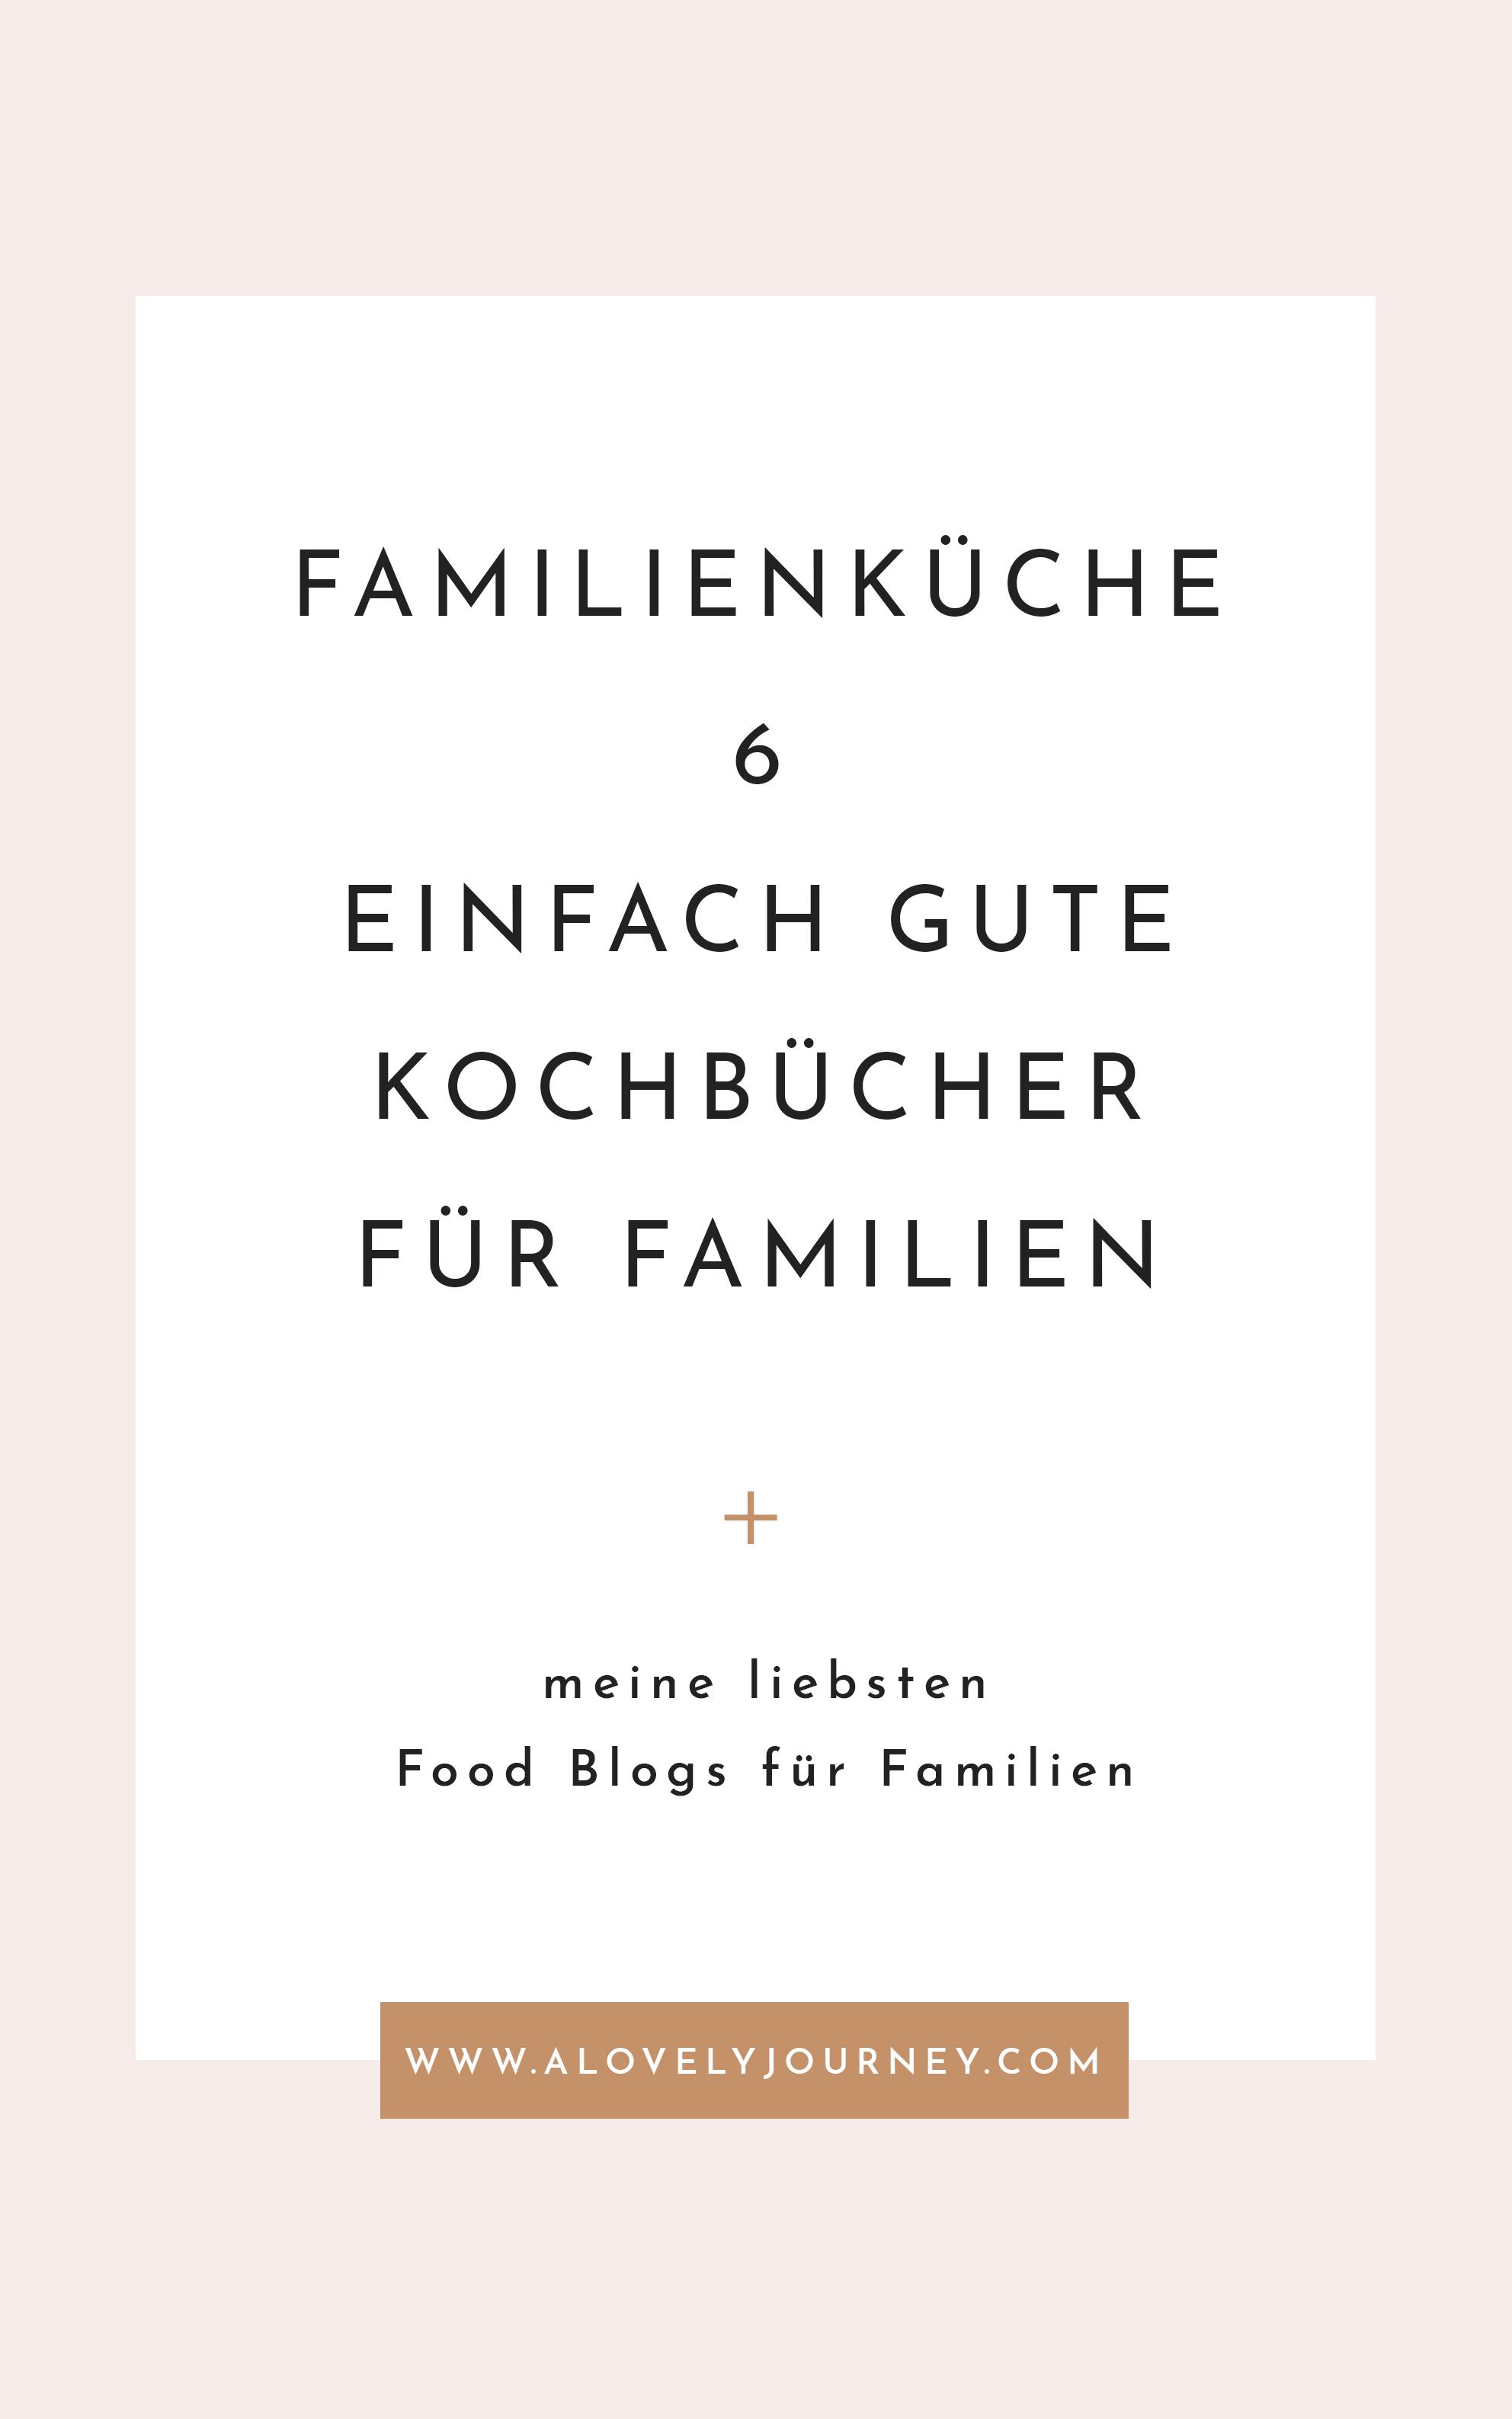 Familienküche: 6 einfach gute Kochbücher für die ganze Familie